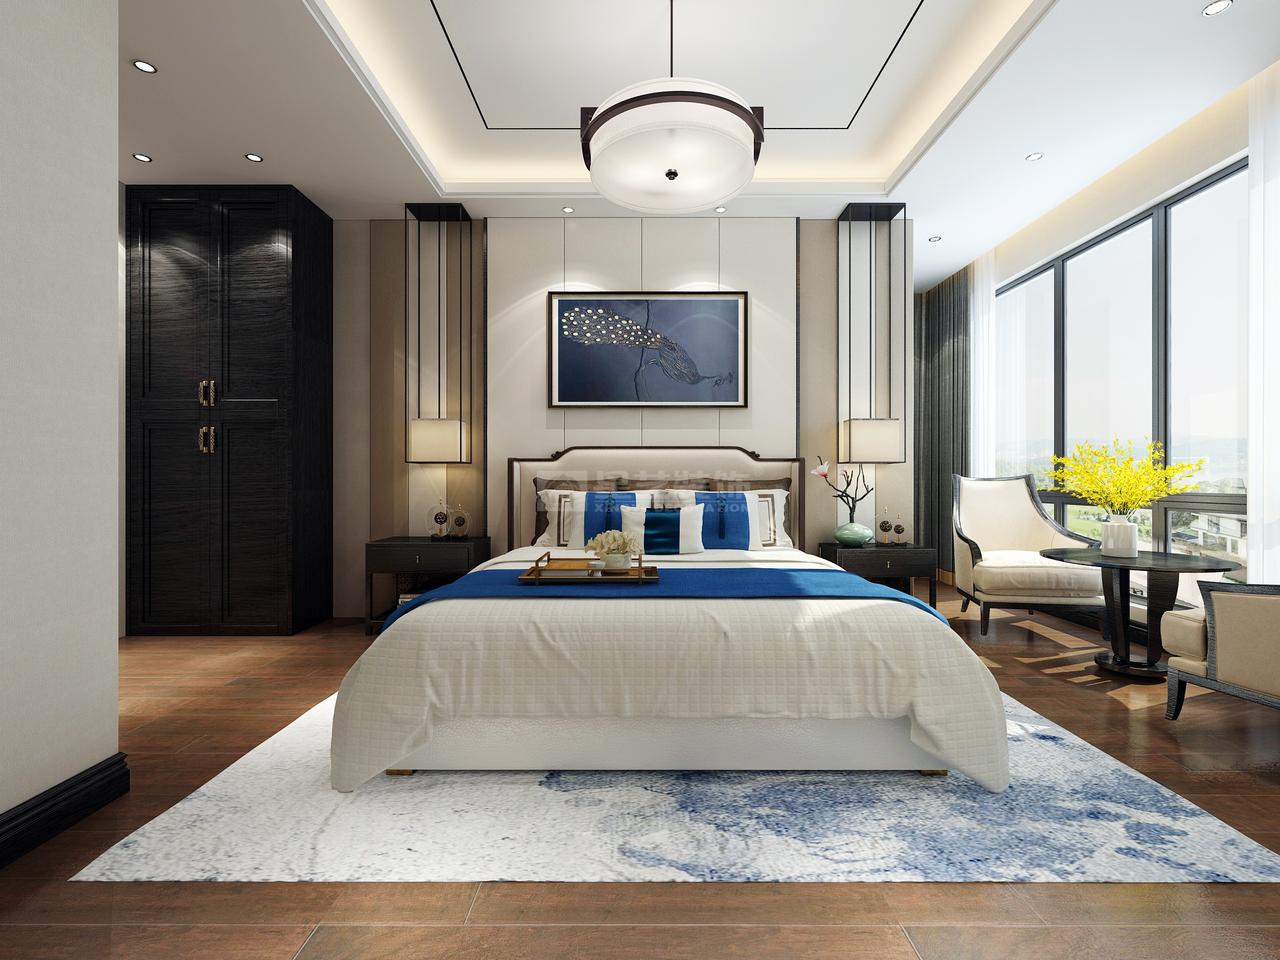 中天未来方舟G简约,简约,单身公寓,128.0㎡